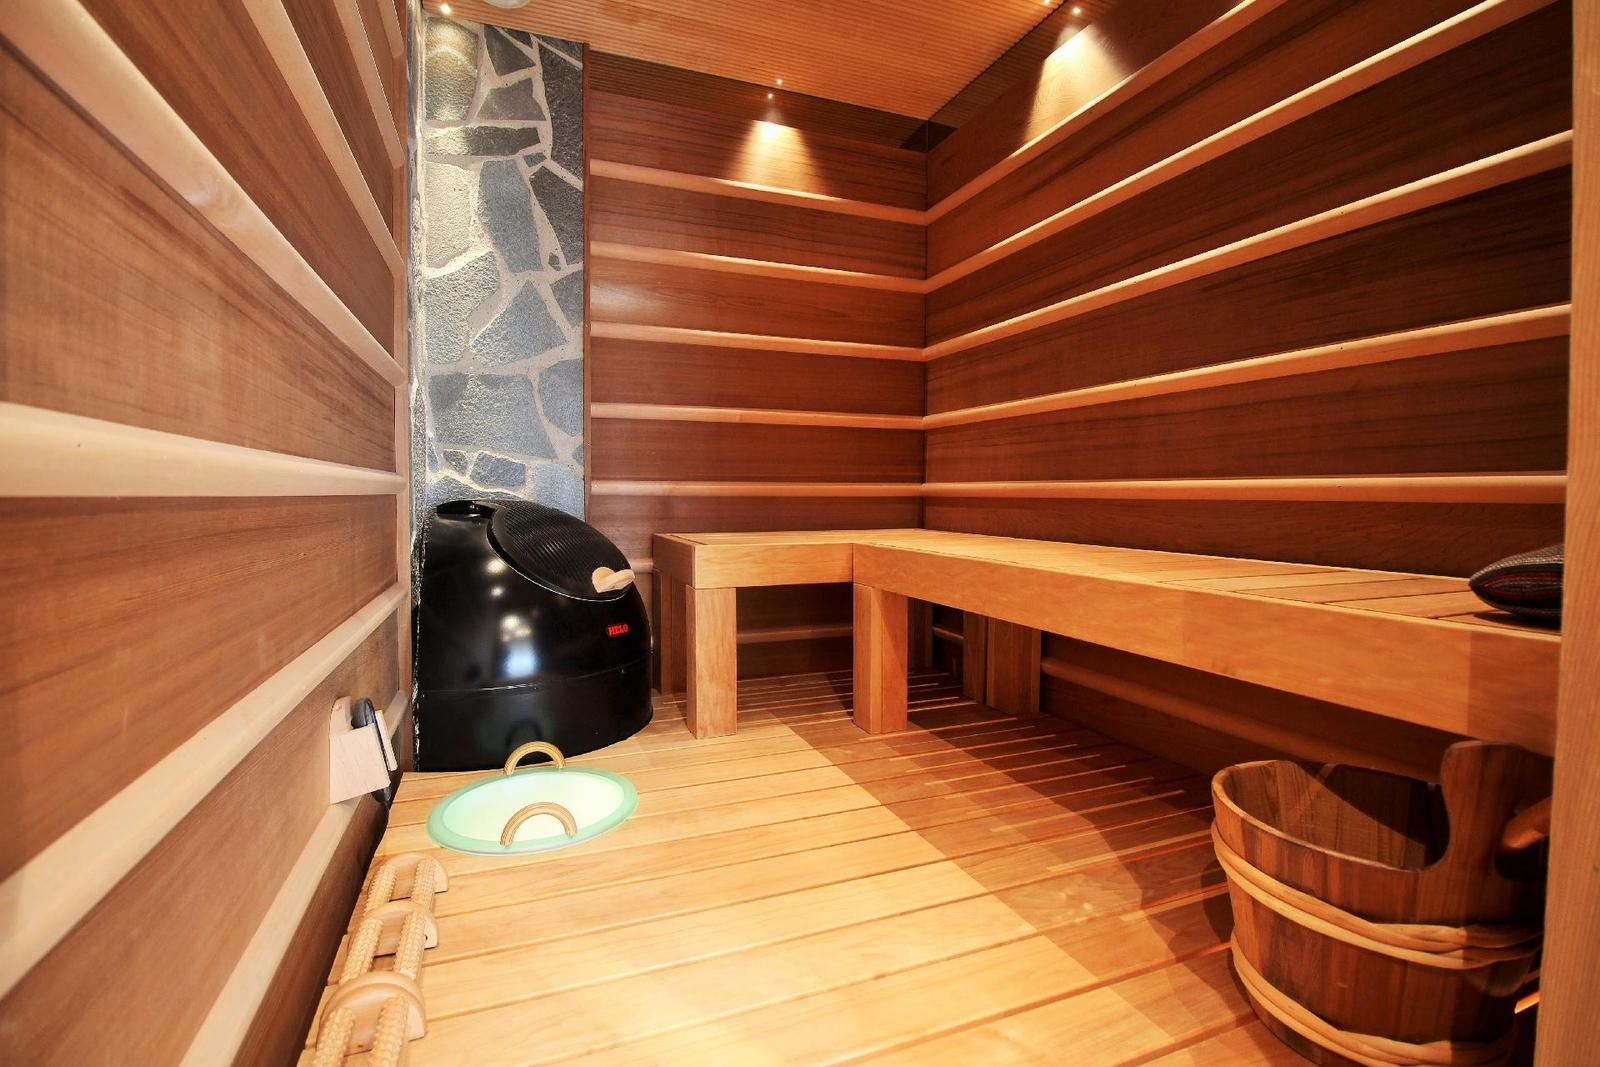 perinteinen sauna ja saunan lauteet